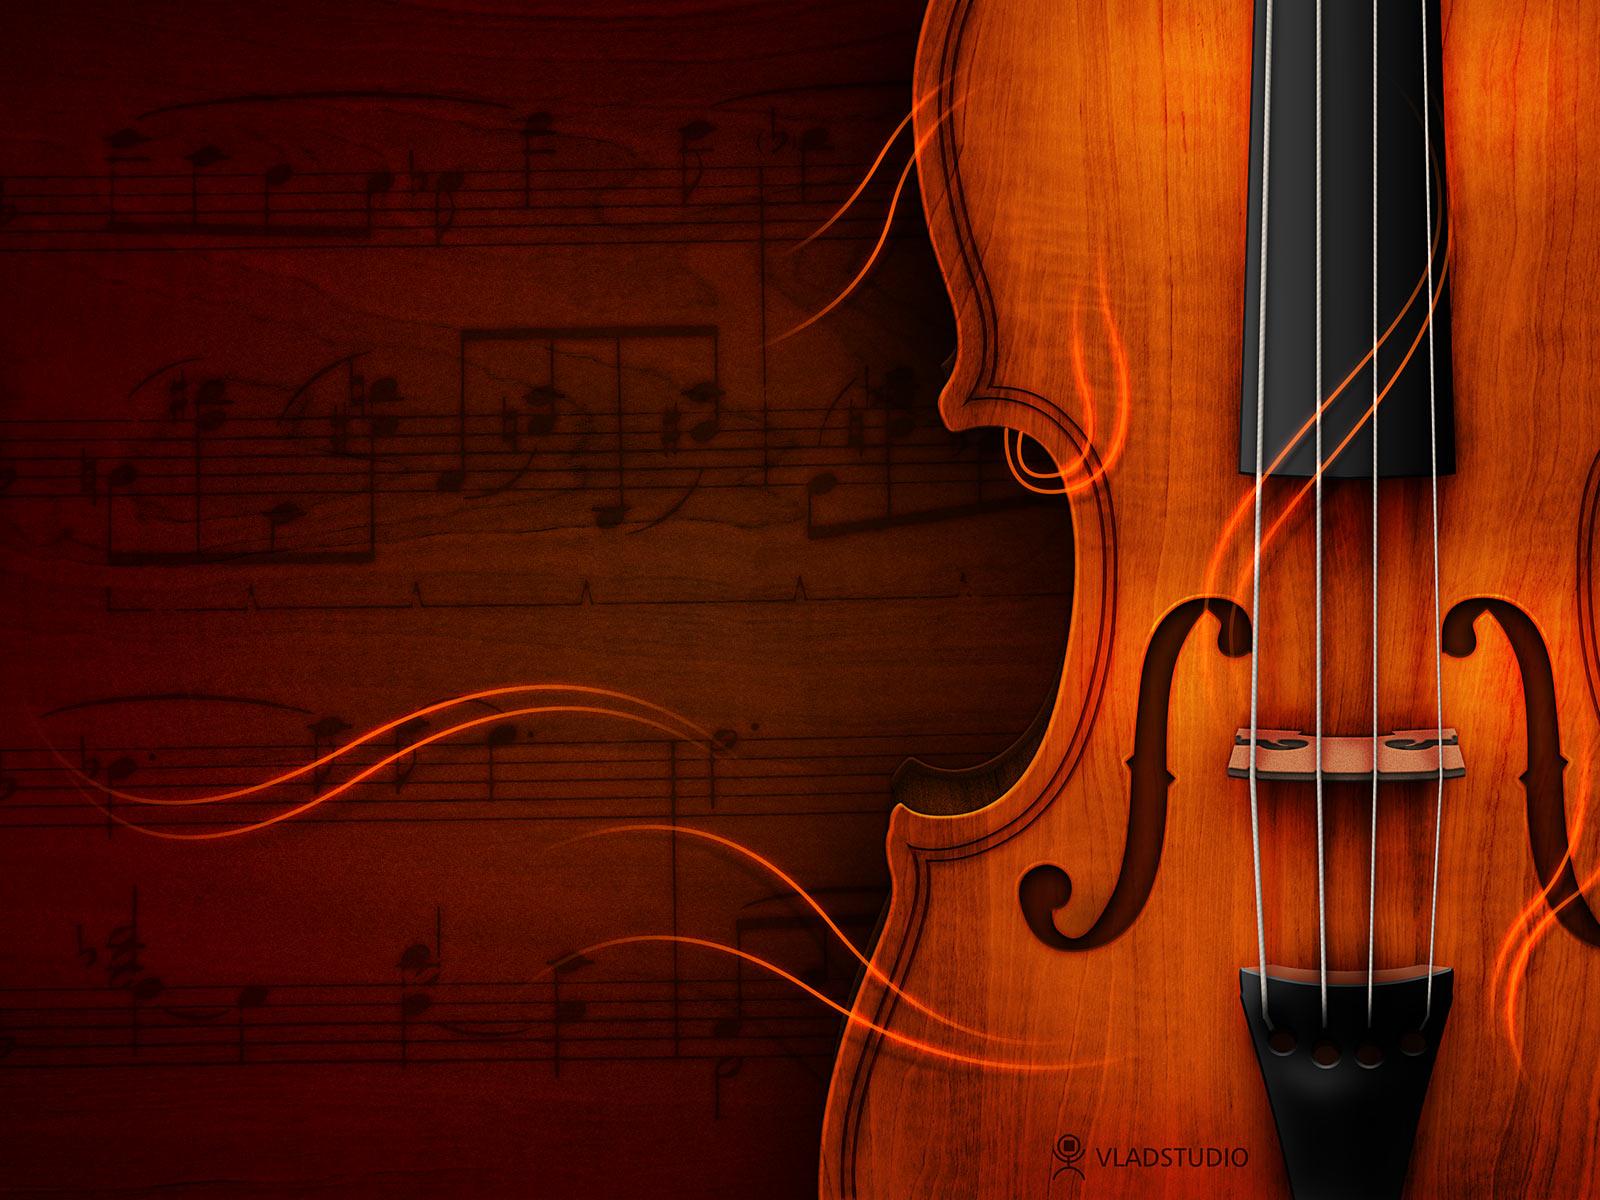 صور لدولة إيطاليا ( معلومات عن دولة إيطاليا violin.jpg